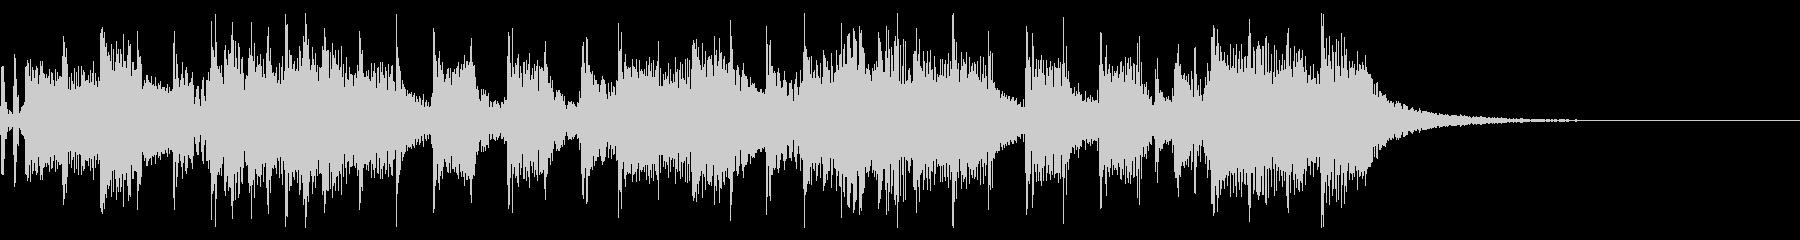 インパクトあるロックなジングル26の未再生の波形